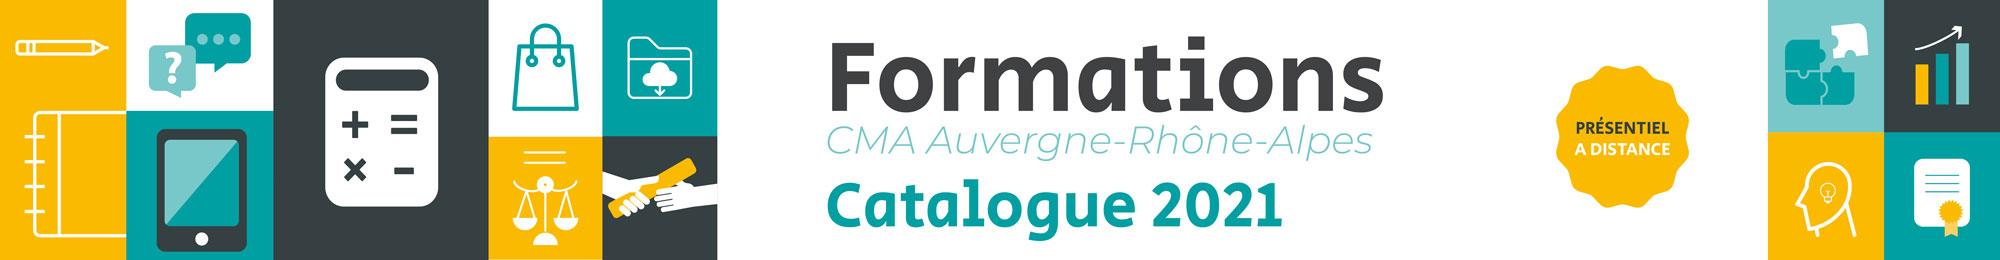 catalogue formations 2021 CMA